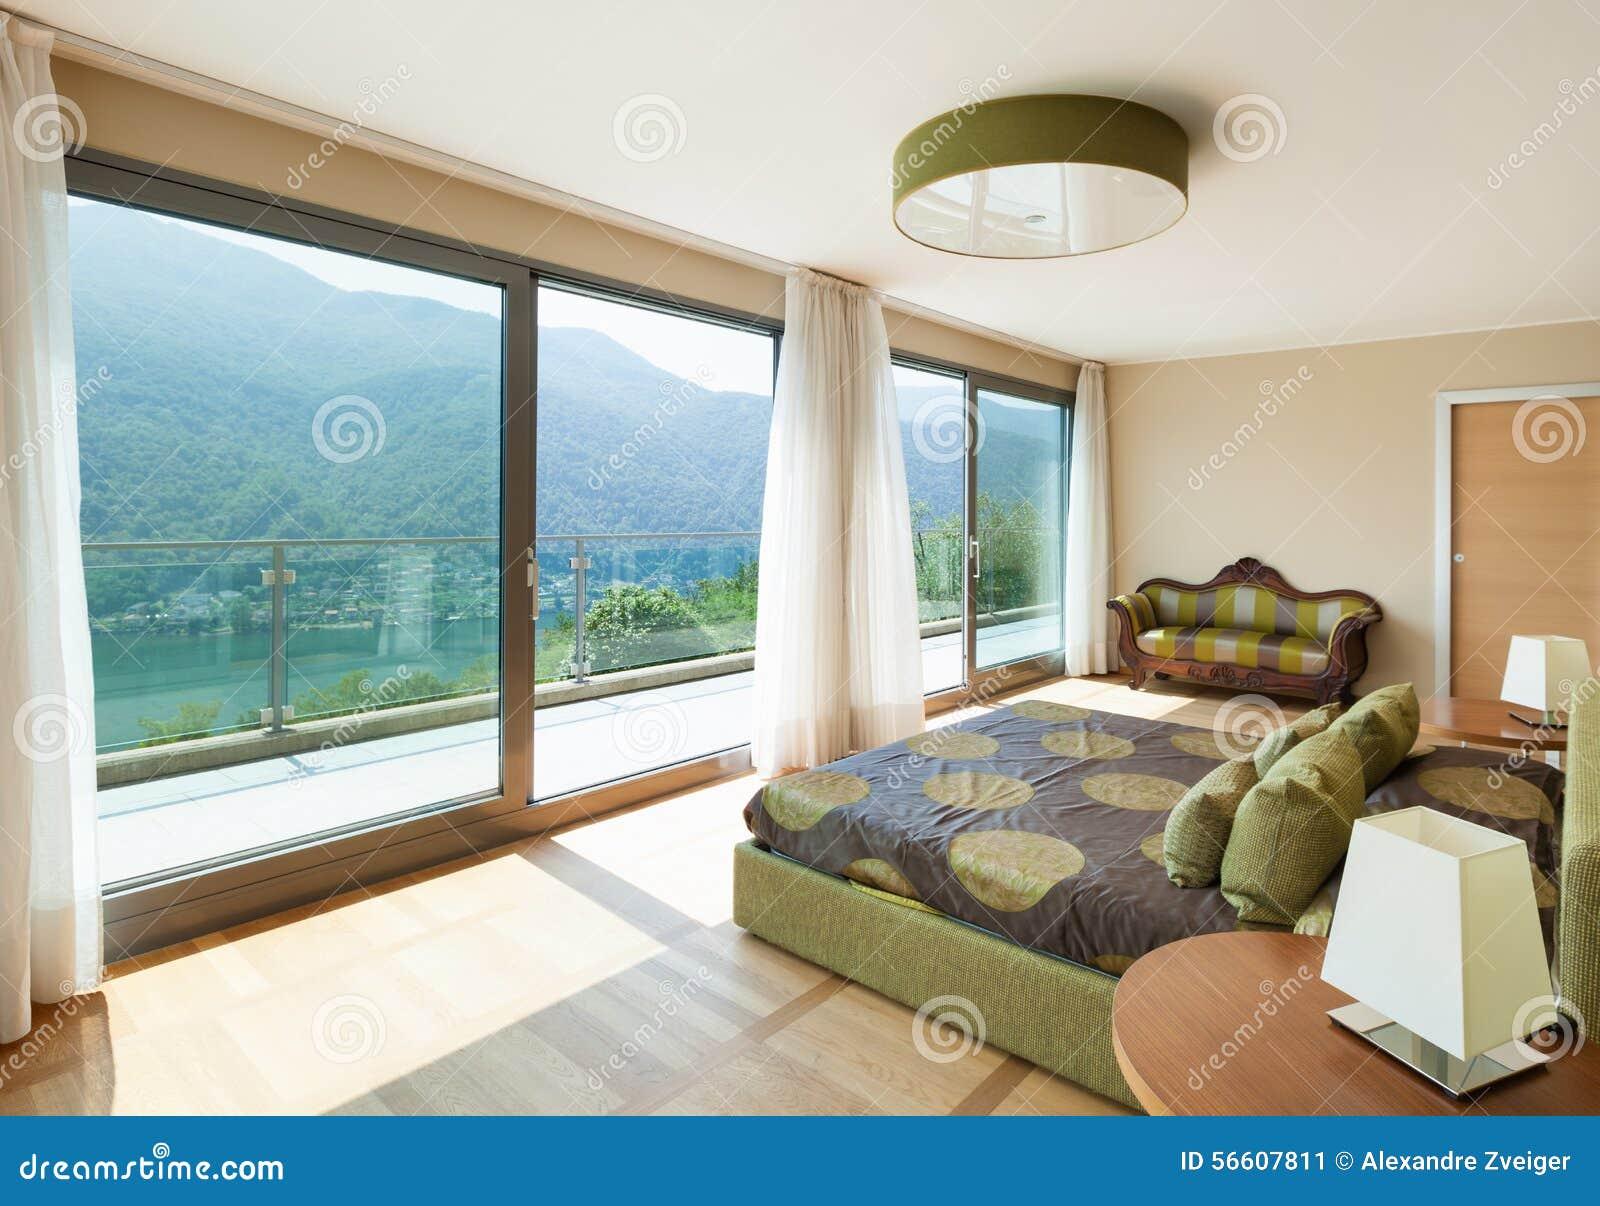 Appartement meublé, chambre à coucher